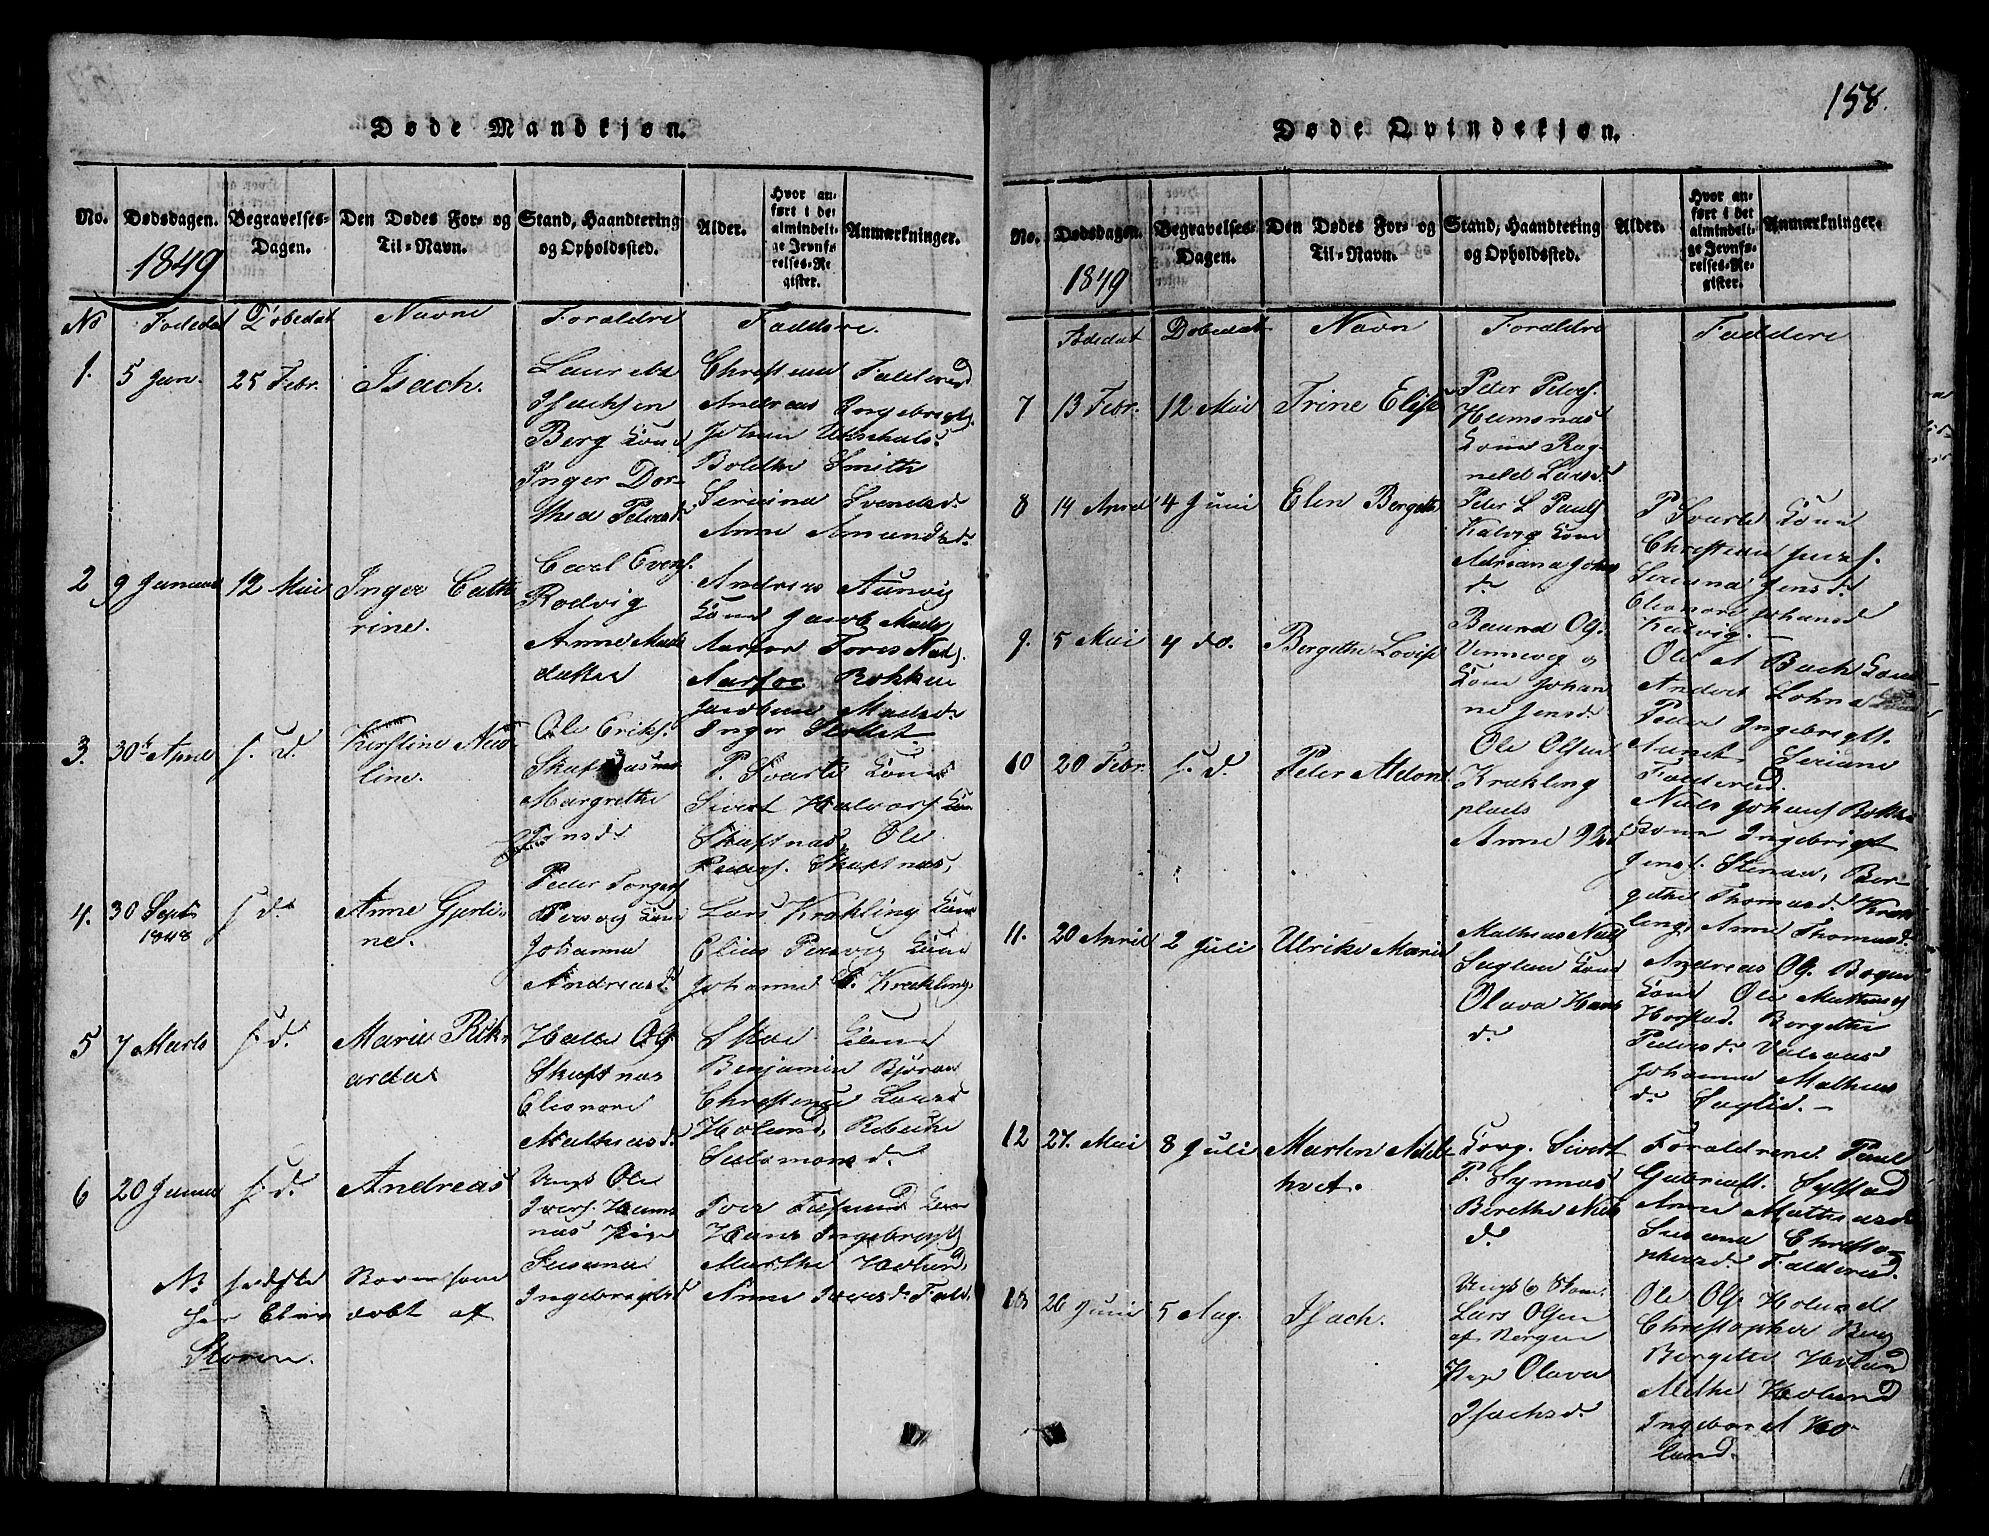 SAT, Ministerialprotokoller, klokkerbøker og fødselsregistre - Nord-Trøndelag, 780/L0648: Klokkerbok nr. 780C01 /3, 1815-1877, s. 158